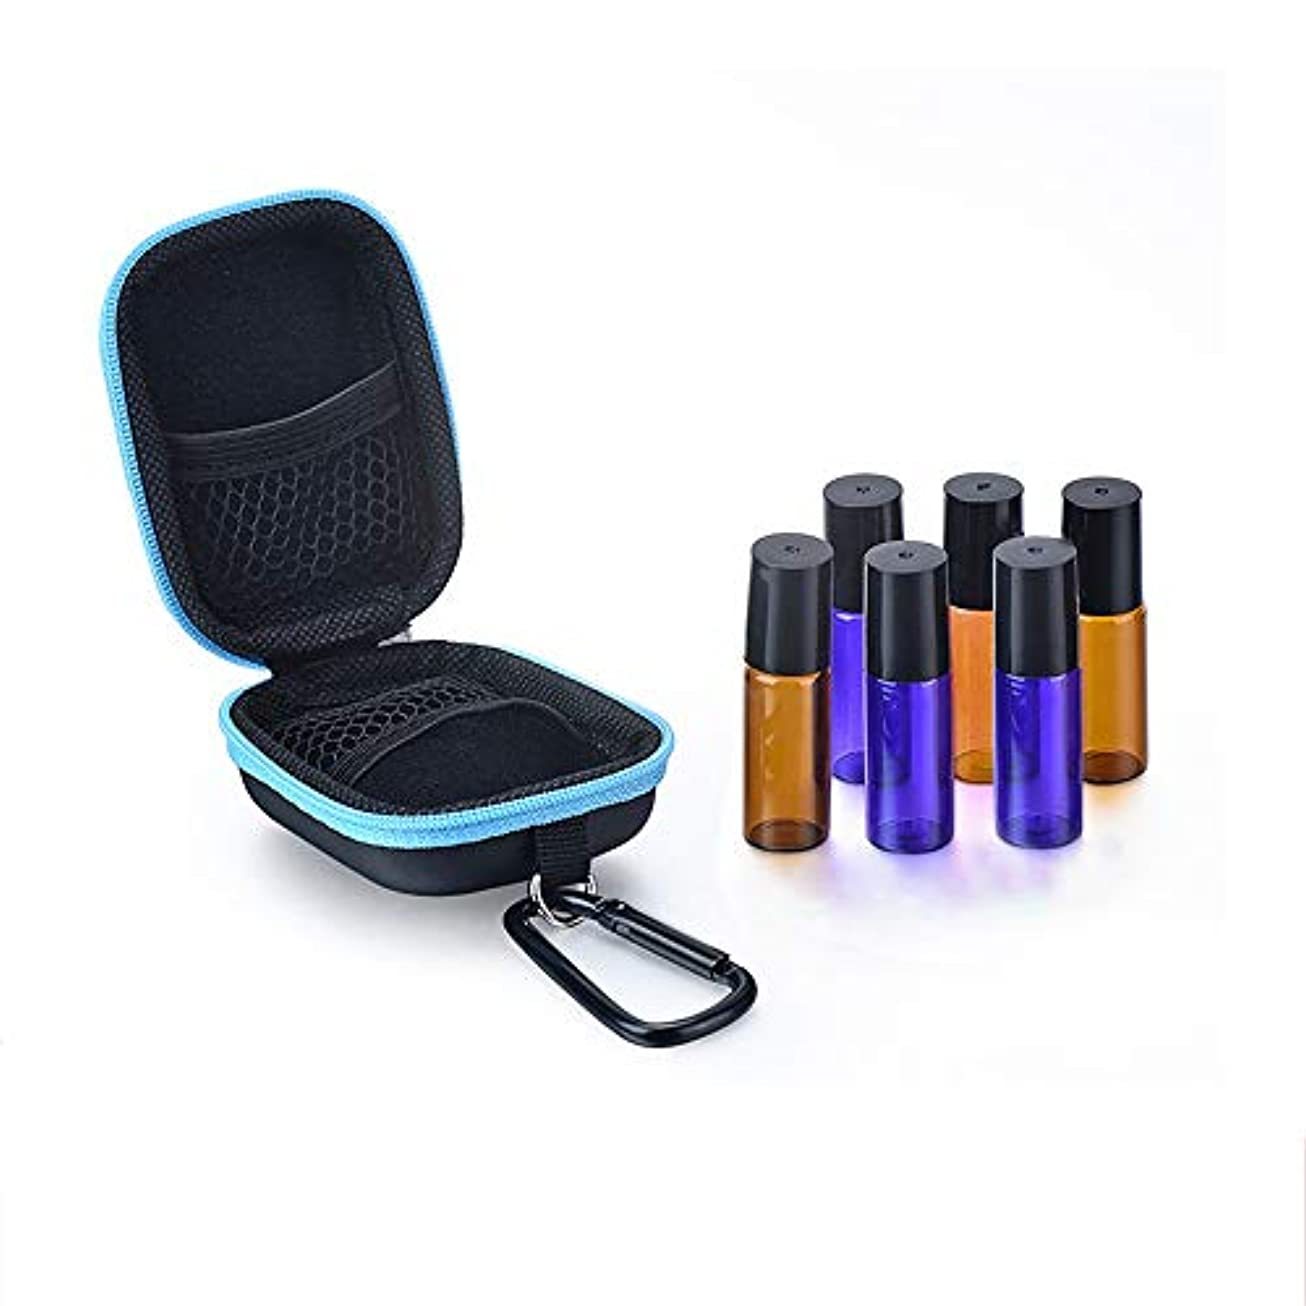 顔料悪因子区別エッセンシャルオイル収納ボックス 2-5Mlバイアルを保持ボトル用キャリングケースエッセンシャルオイルの収納ケース旅行エッセンシャルオイル (色 : 青, サイズ : 8.5X6.5X4CM)